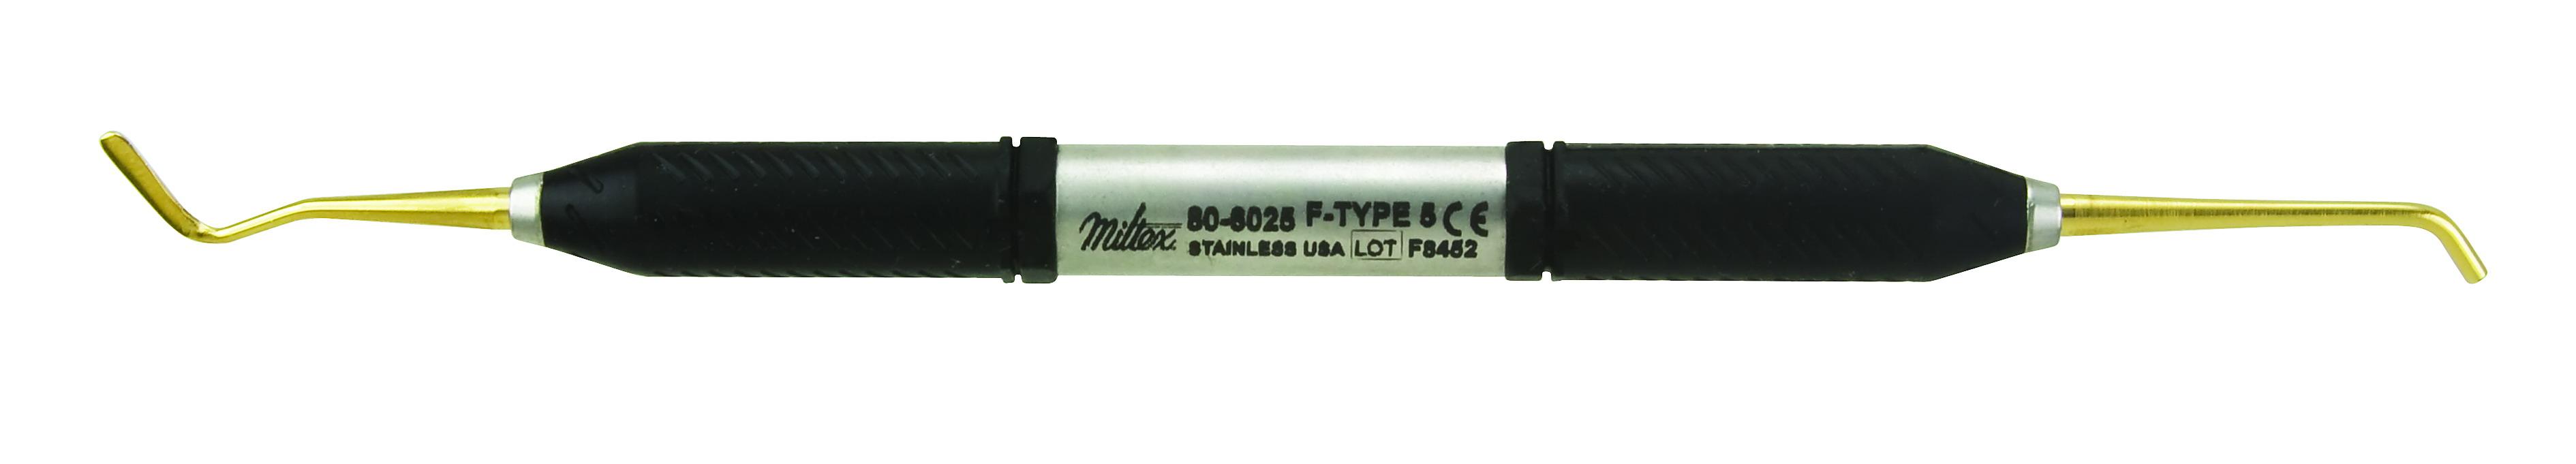 composite-f-type-dbl-end-5-80-6025-miltex.jpg